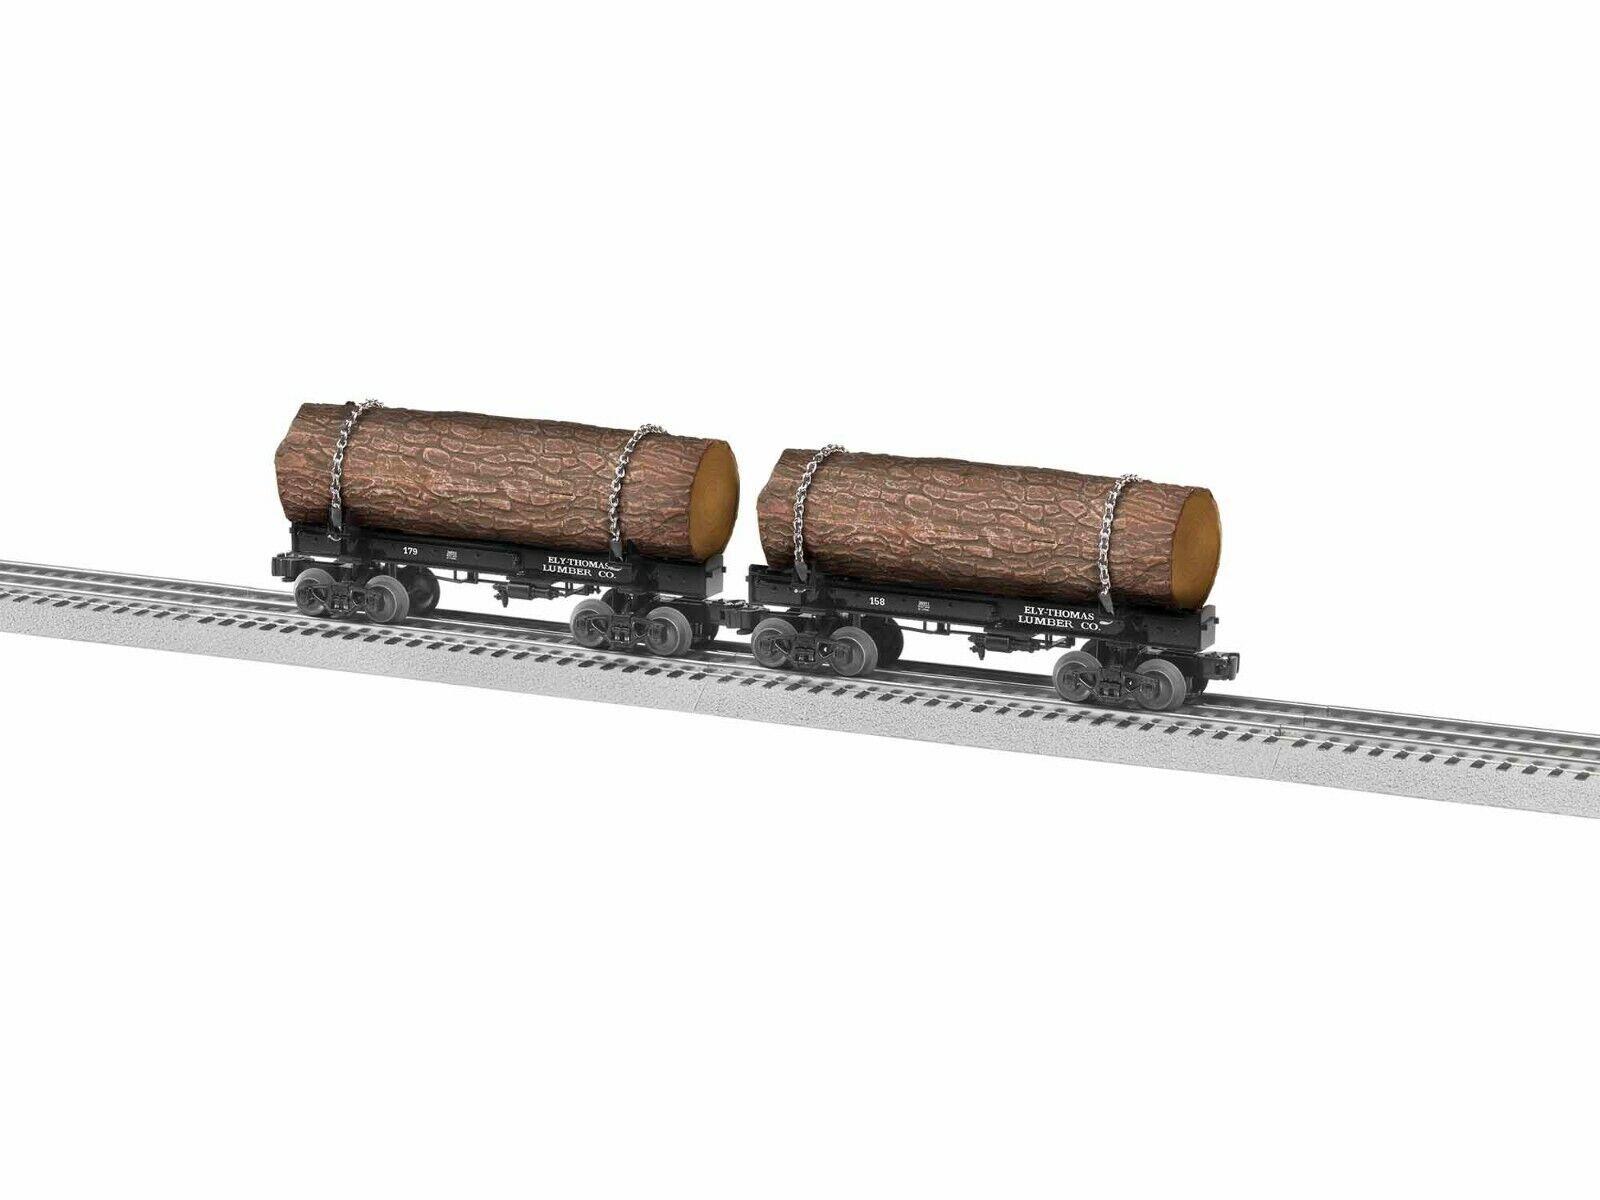 OGauge  Lionel  Ely Thomas Skeleton Log auto 2 Pack  2